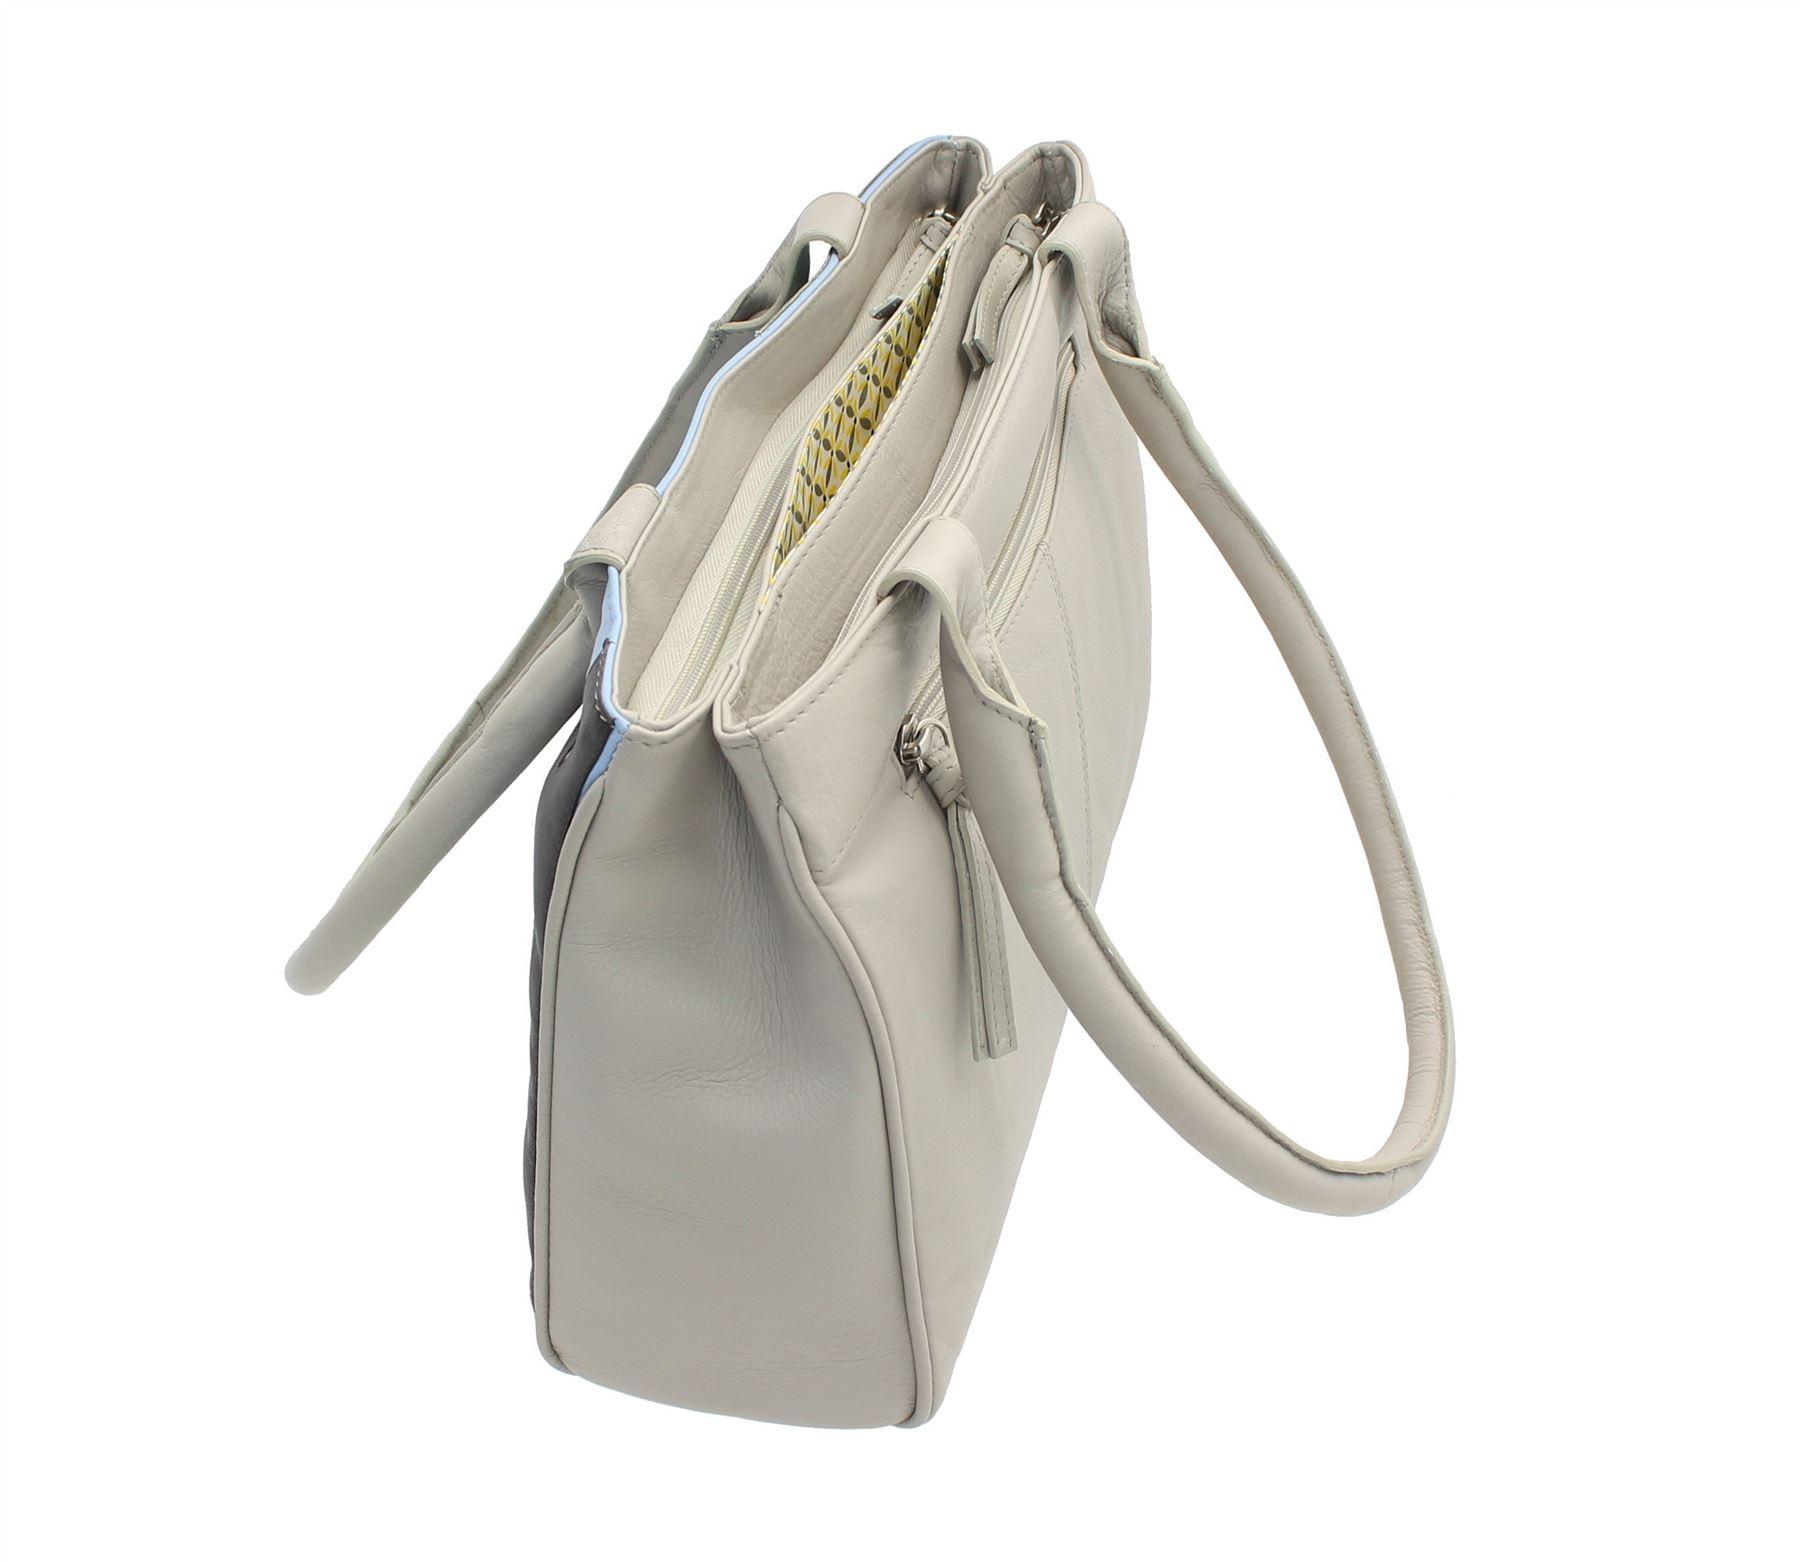 en bandouliᄄᄄre 89 Gris clair Sac Leather Mala Beau Collection 7123 PXkZiu